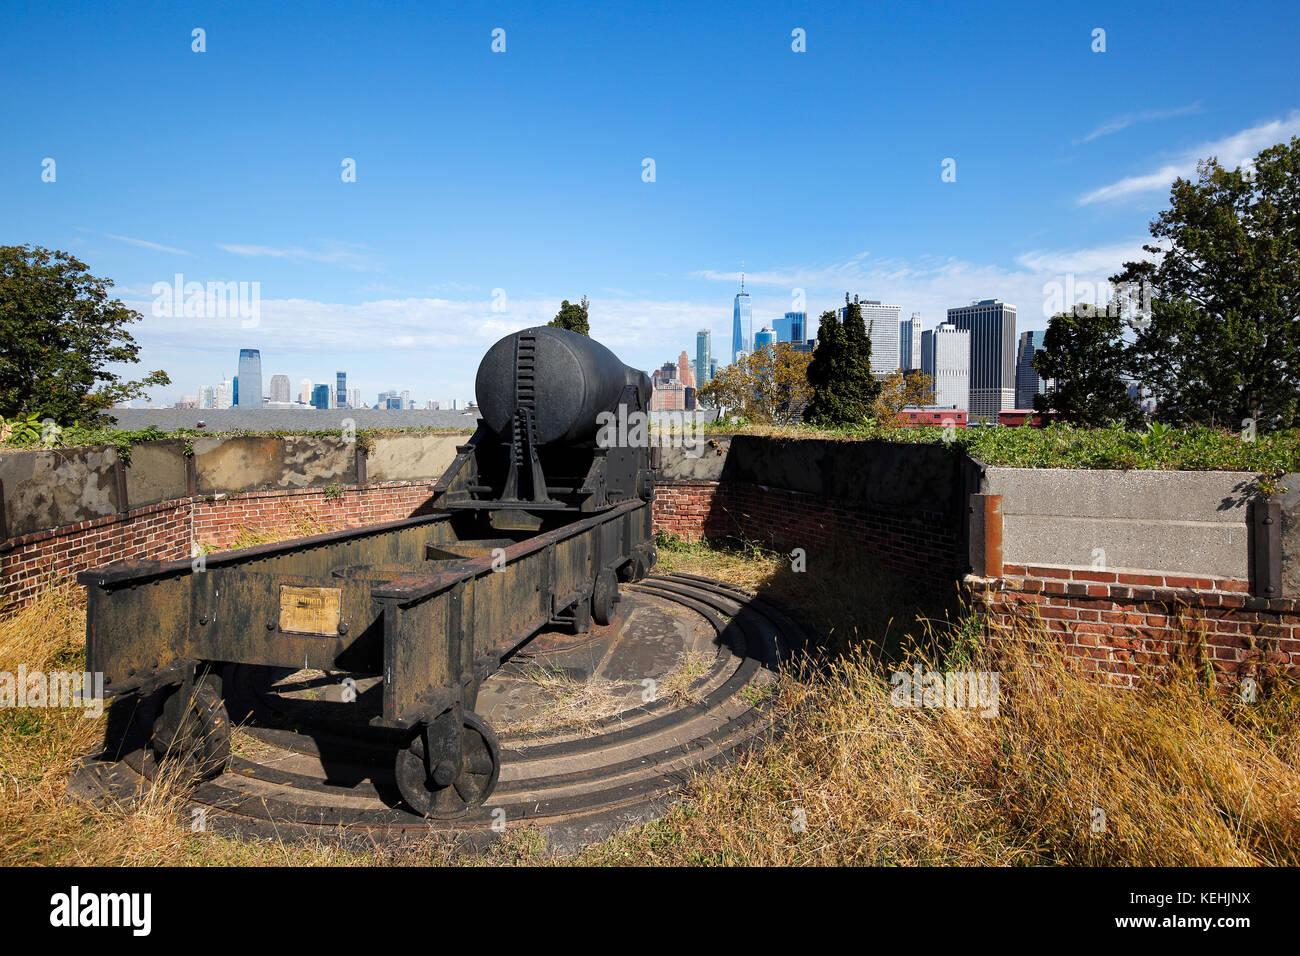 Rodman pistole e dello skyline di Manhattan a ford Jay,Governors Island, New York City Immagini Stock